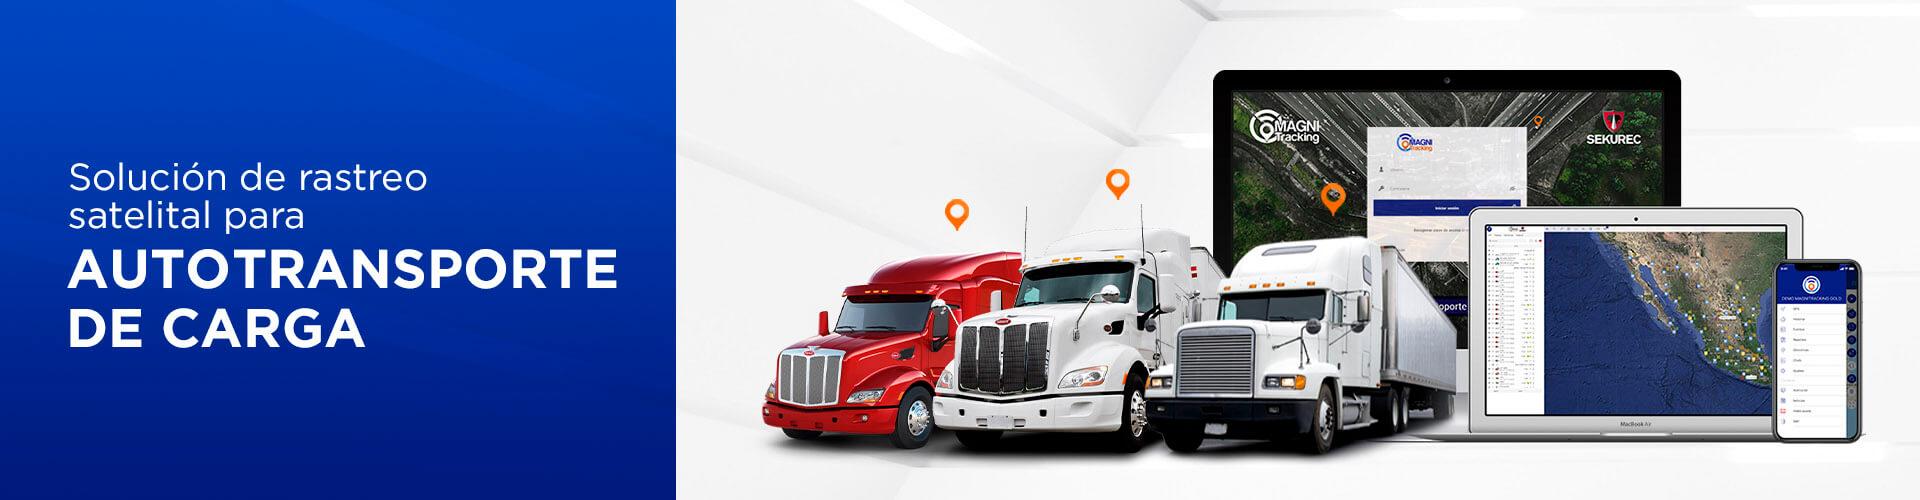 industrias-autotransporte-de-carga